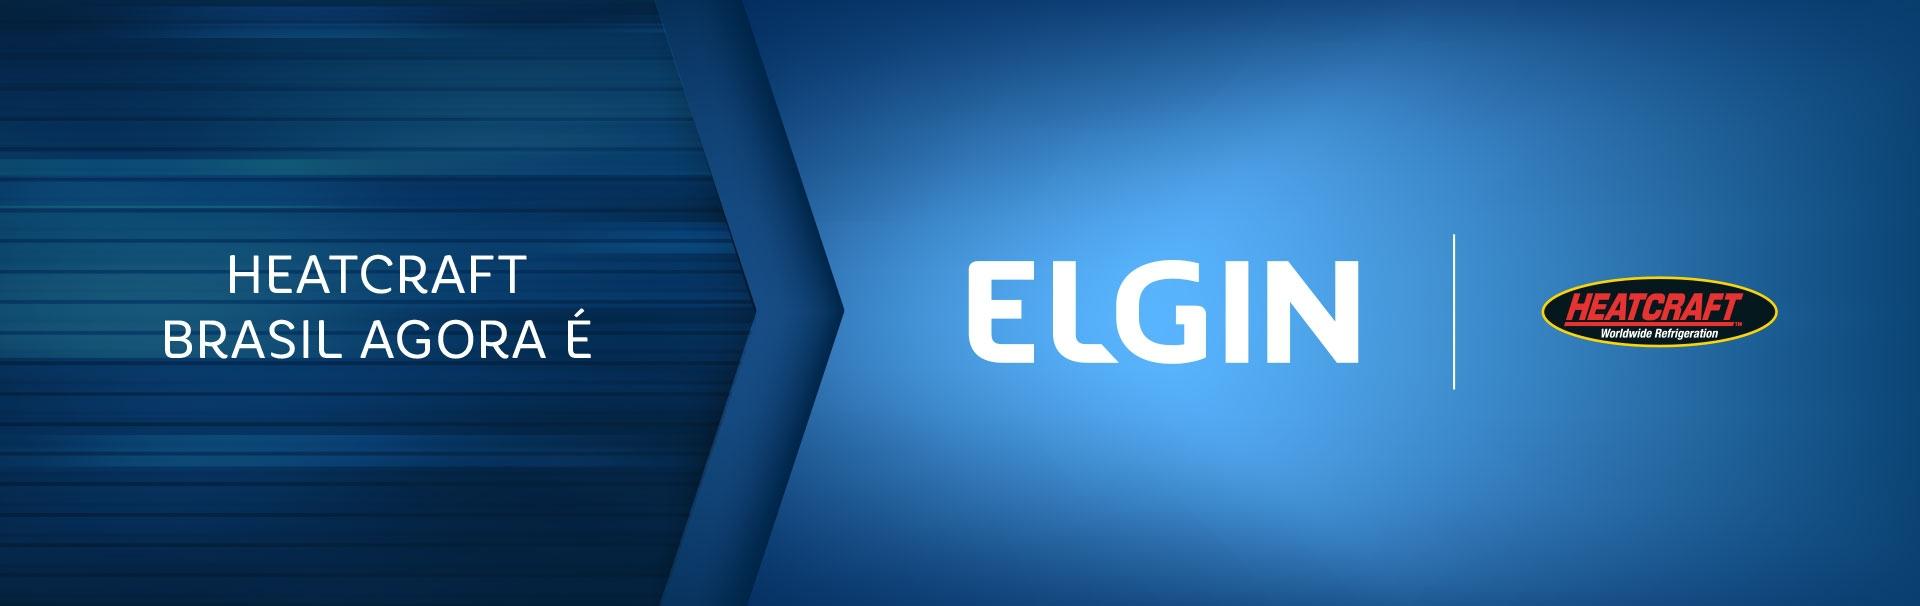 Heatcraft agora é Elgin